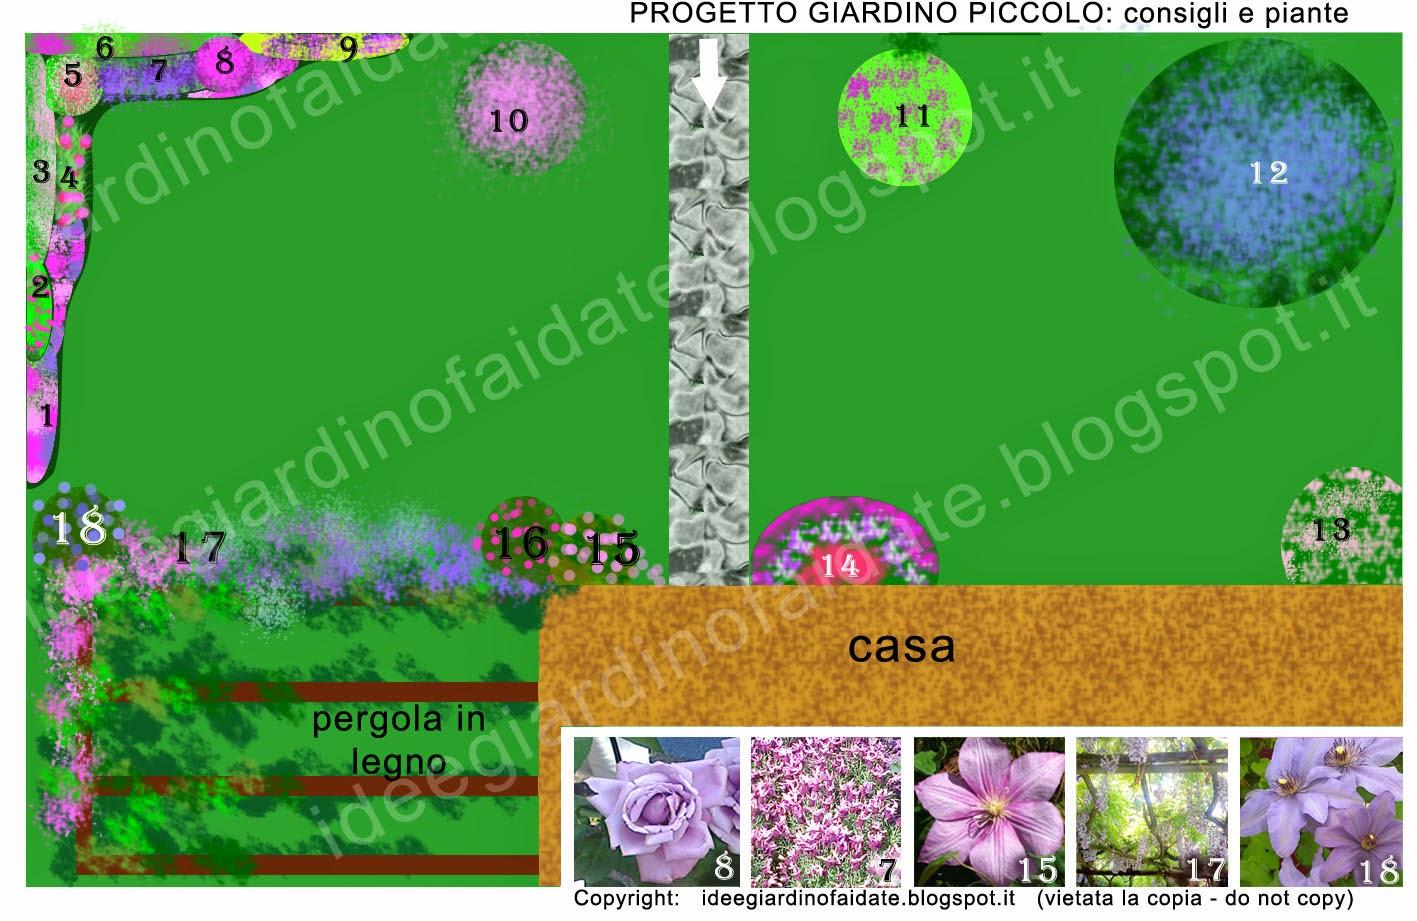 Affordable giardino progetto idee sogno immagine spaziale for Progetto aiuole per giardino